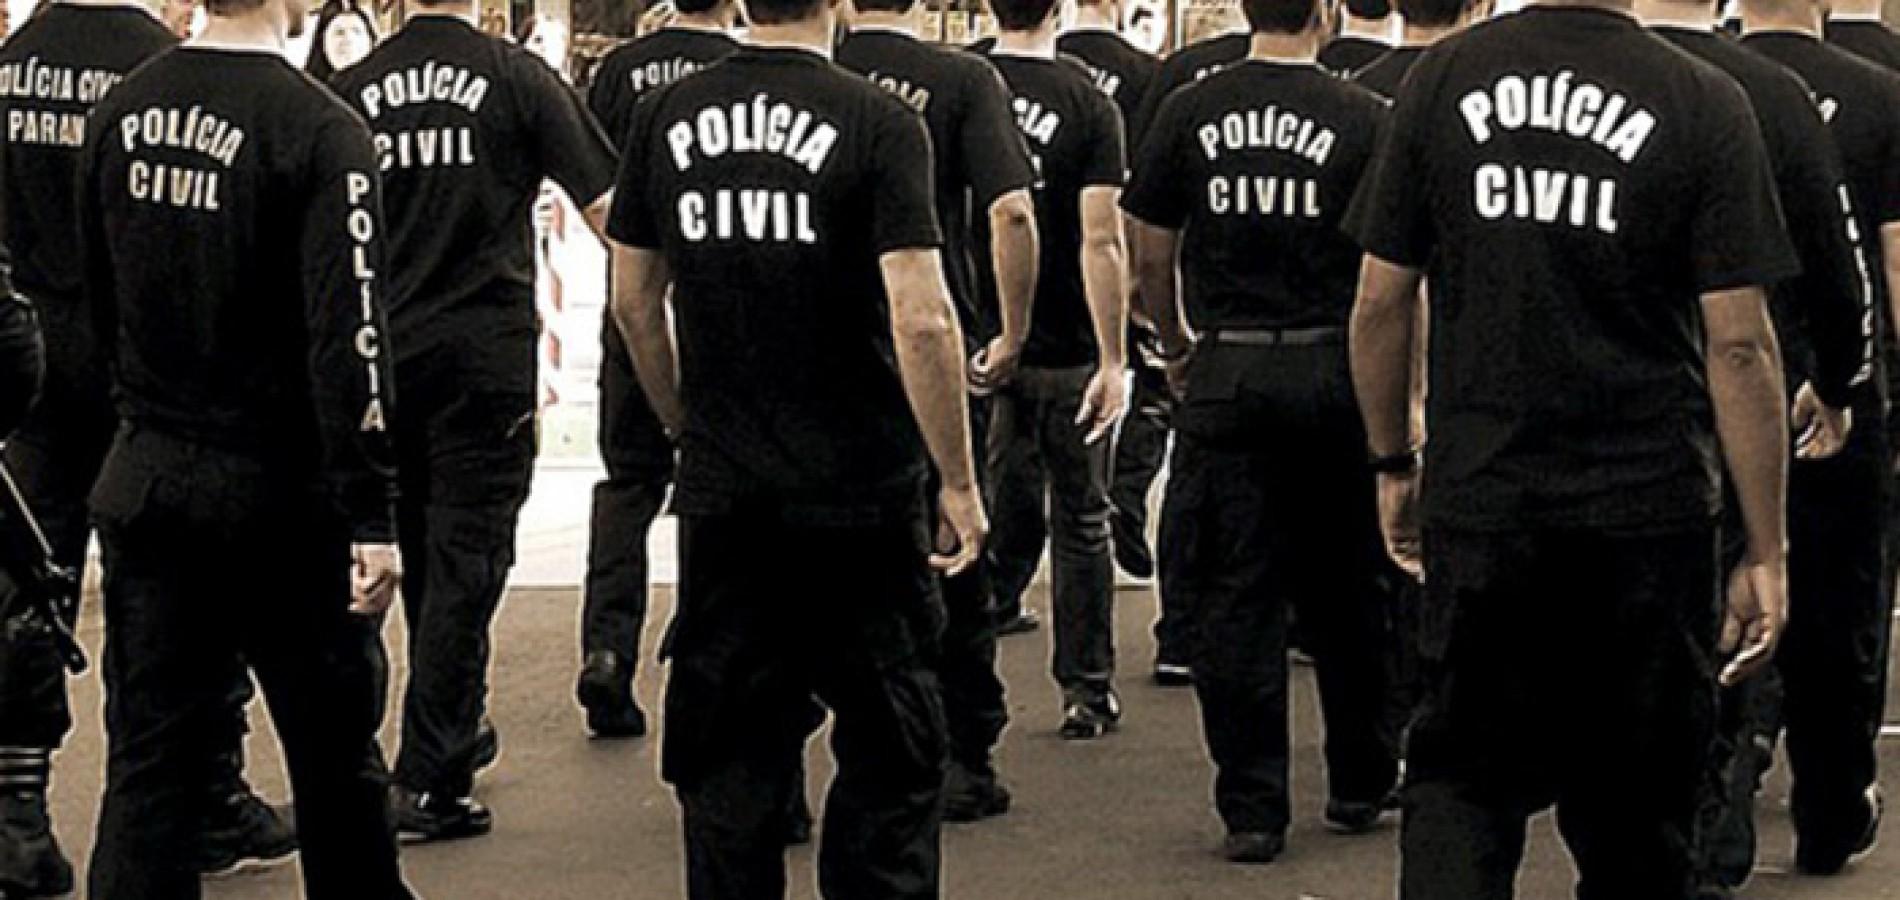 Polícia Civil do PI abre inscrições concurso com 350 vagas e salários de até R$ 16 mil